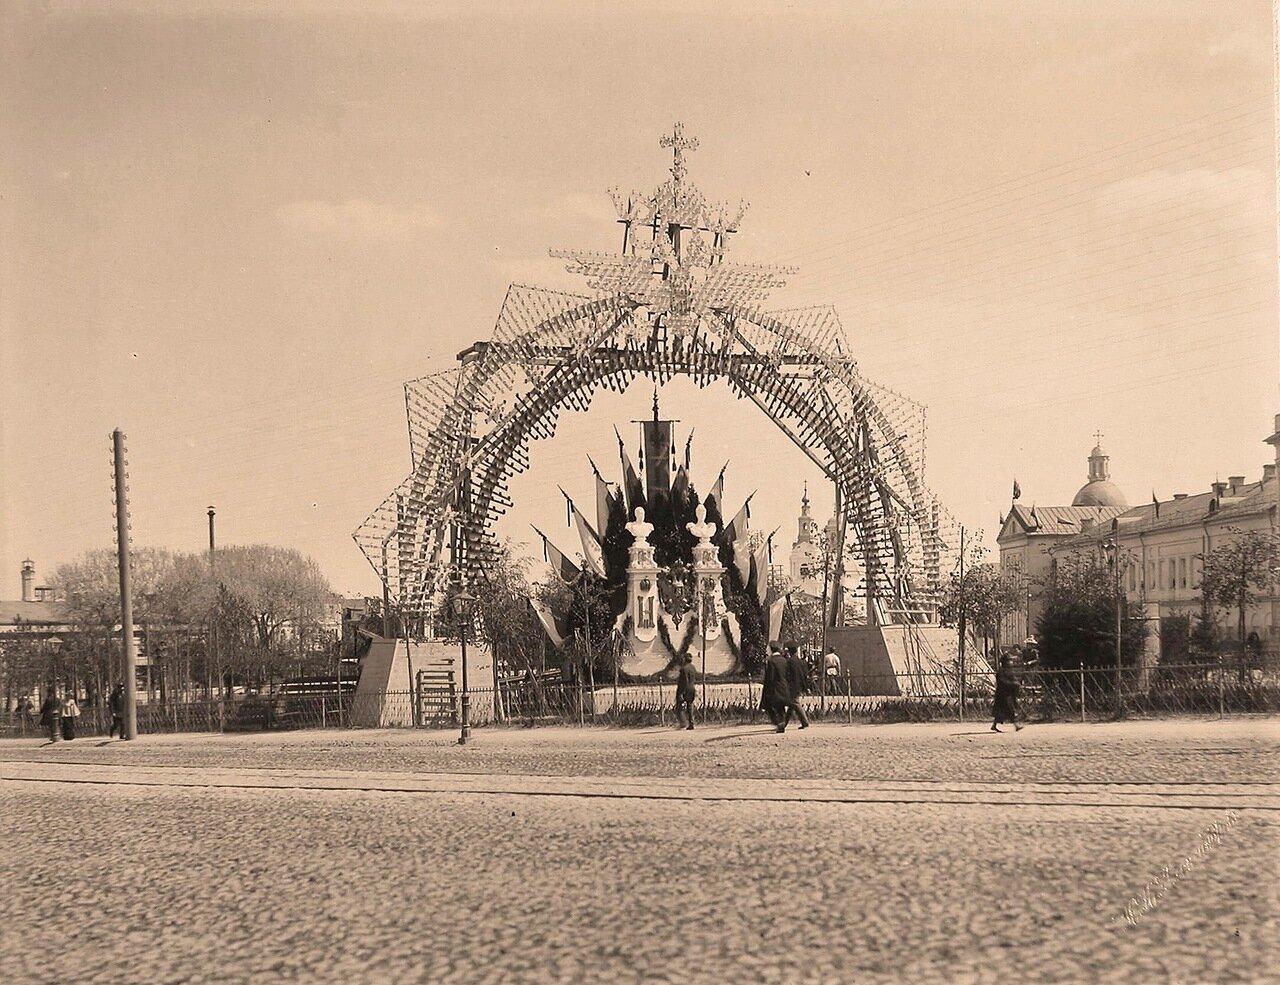 Вид одной из арок, украшенной флагами, бюстами императора и императрицы, иллюминацией, установленной на одной из площадей города